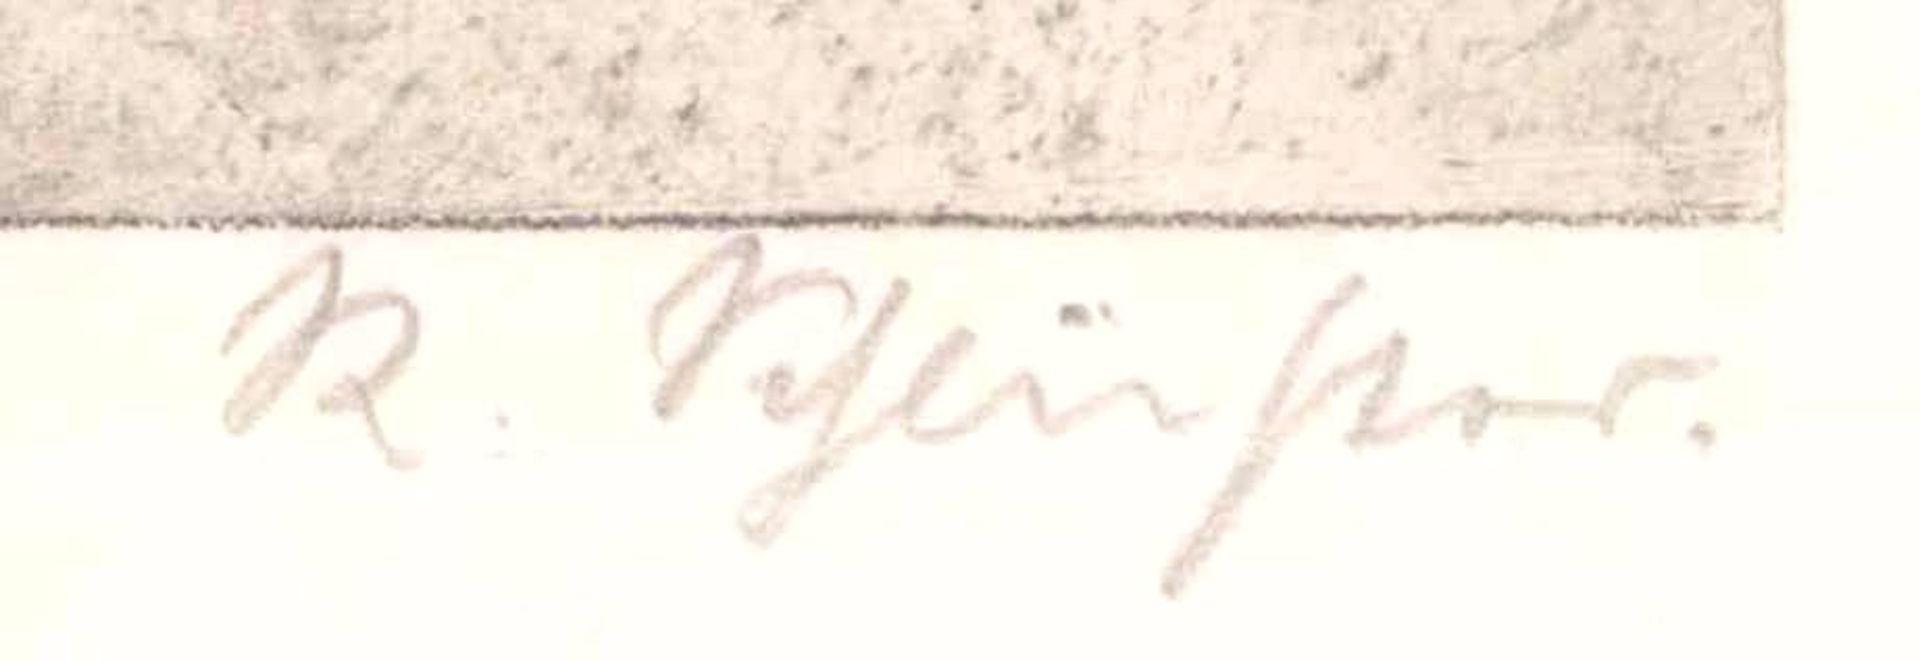 Rudolf Schlichter 1890-1955. Am AltarKaltnadelradierung, unten rechts mit Bleistift signiert,ca. - Bild 3 aus 3